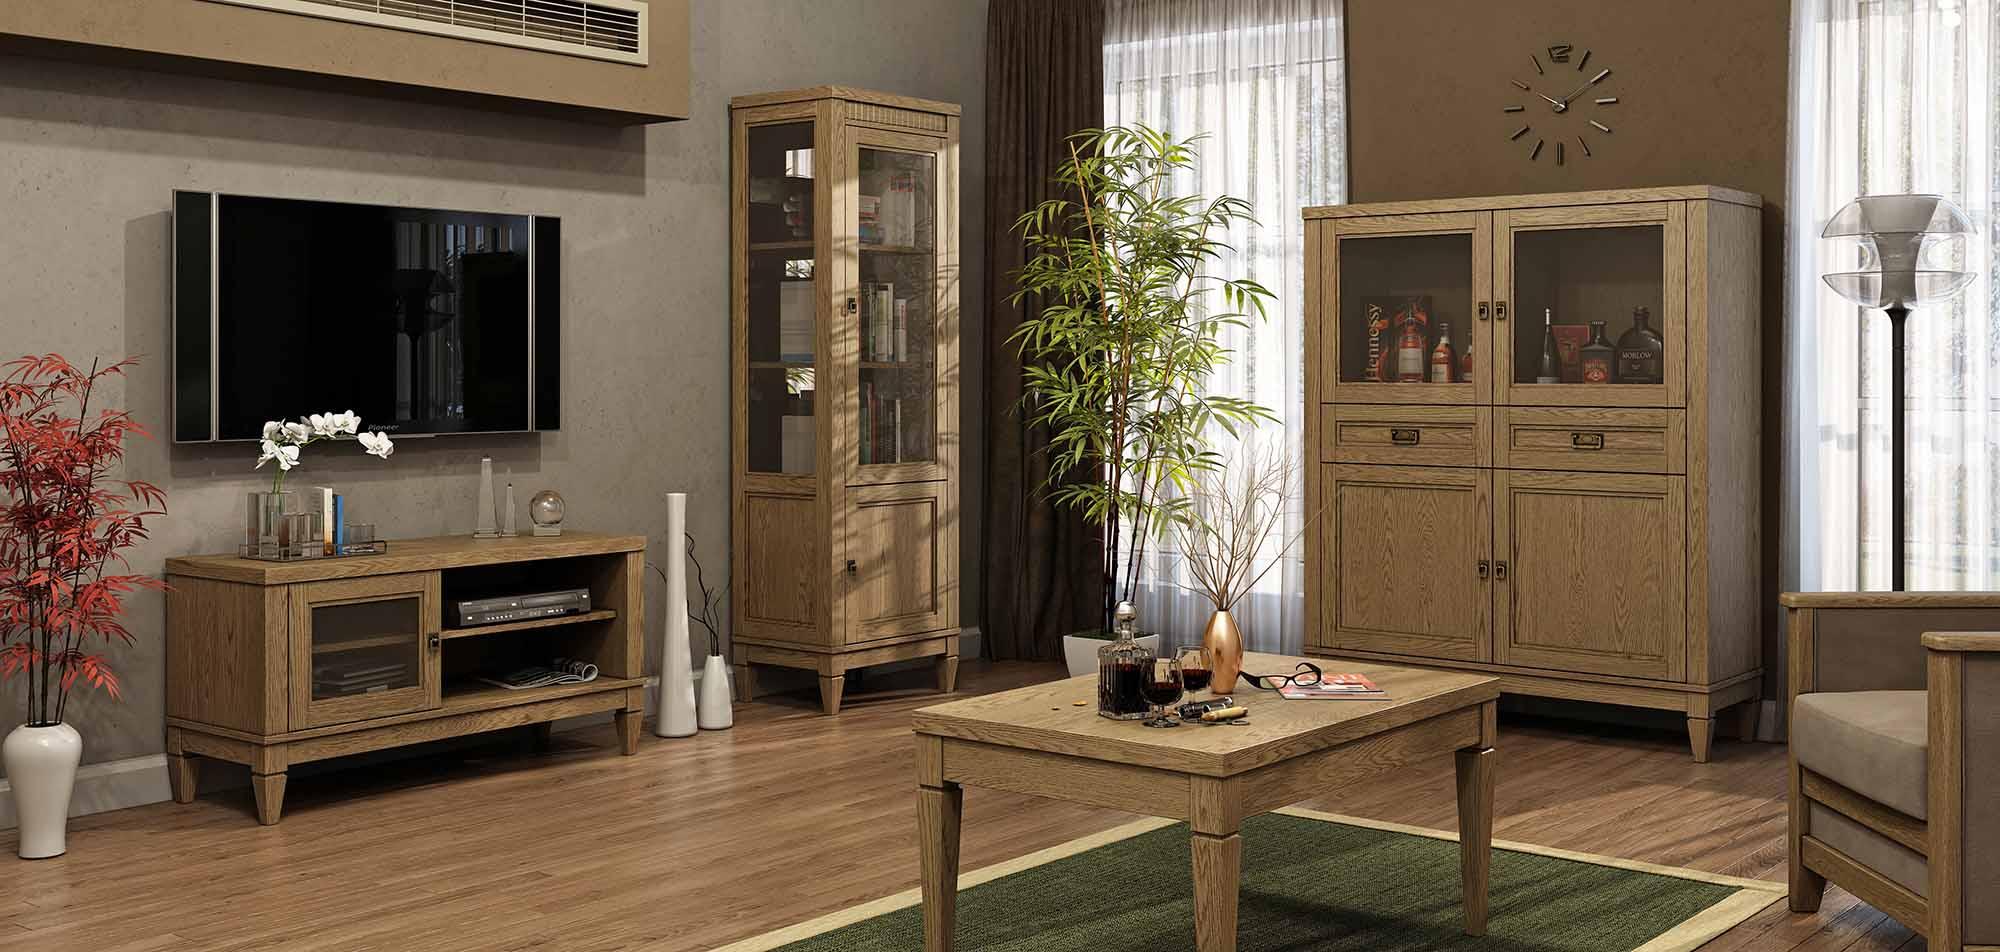 bavaria_livingroom_3